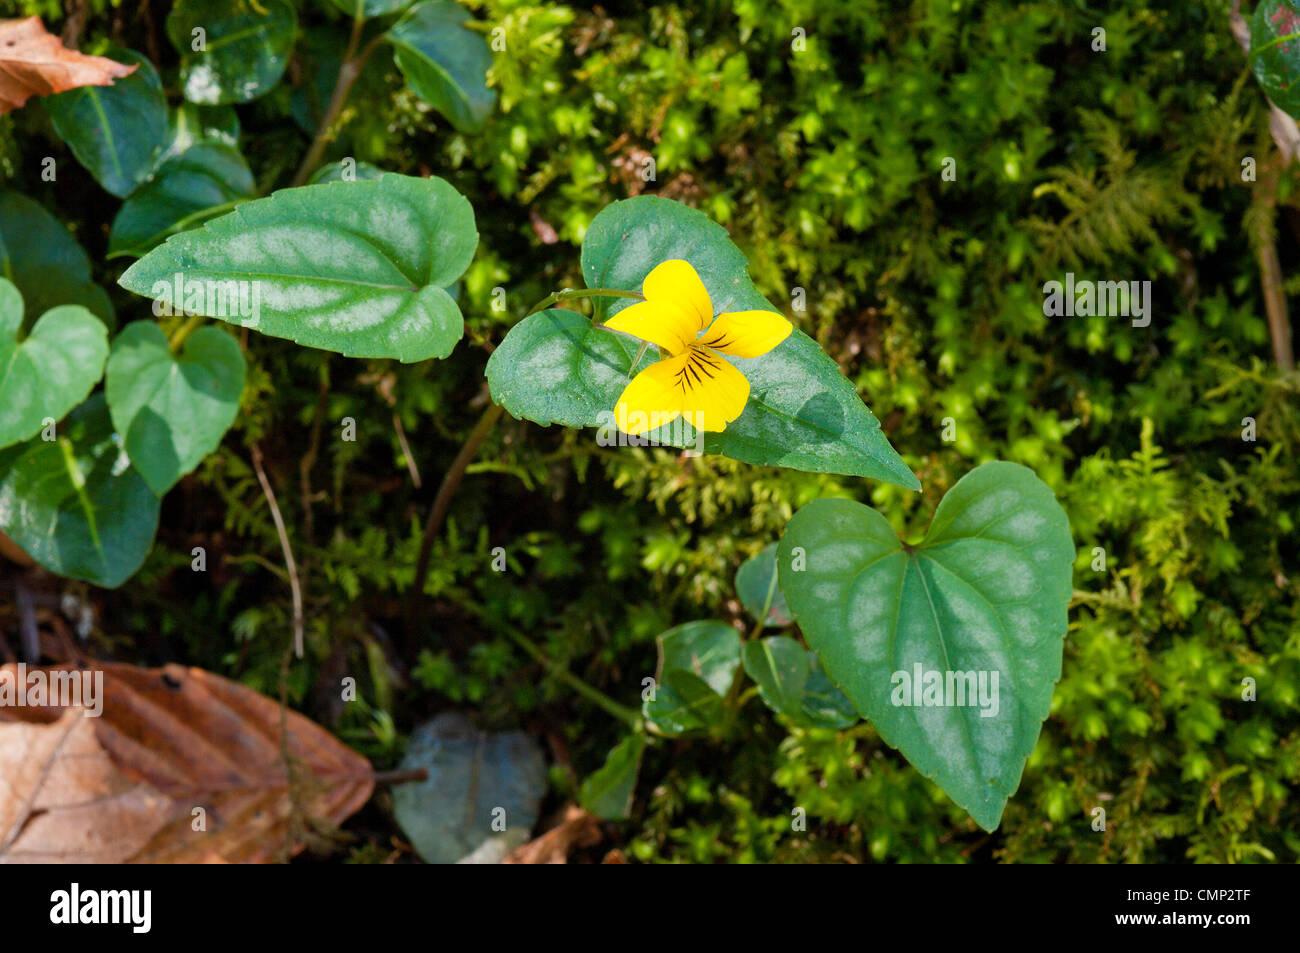 Halberdleaf Violet, Viola hastata, wildflower - Stock Image